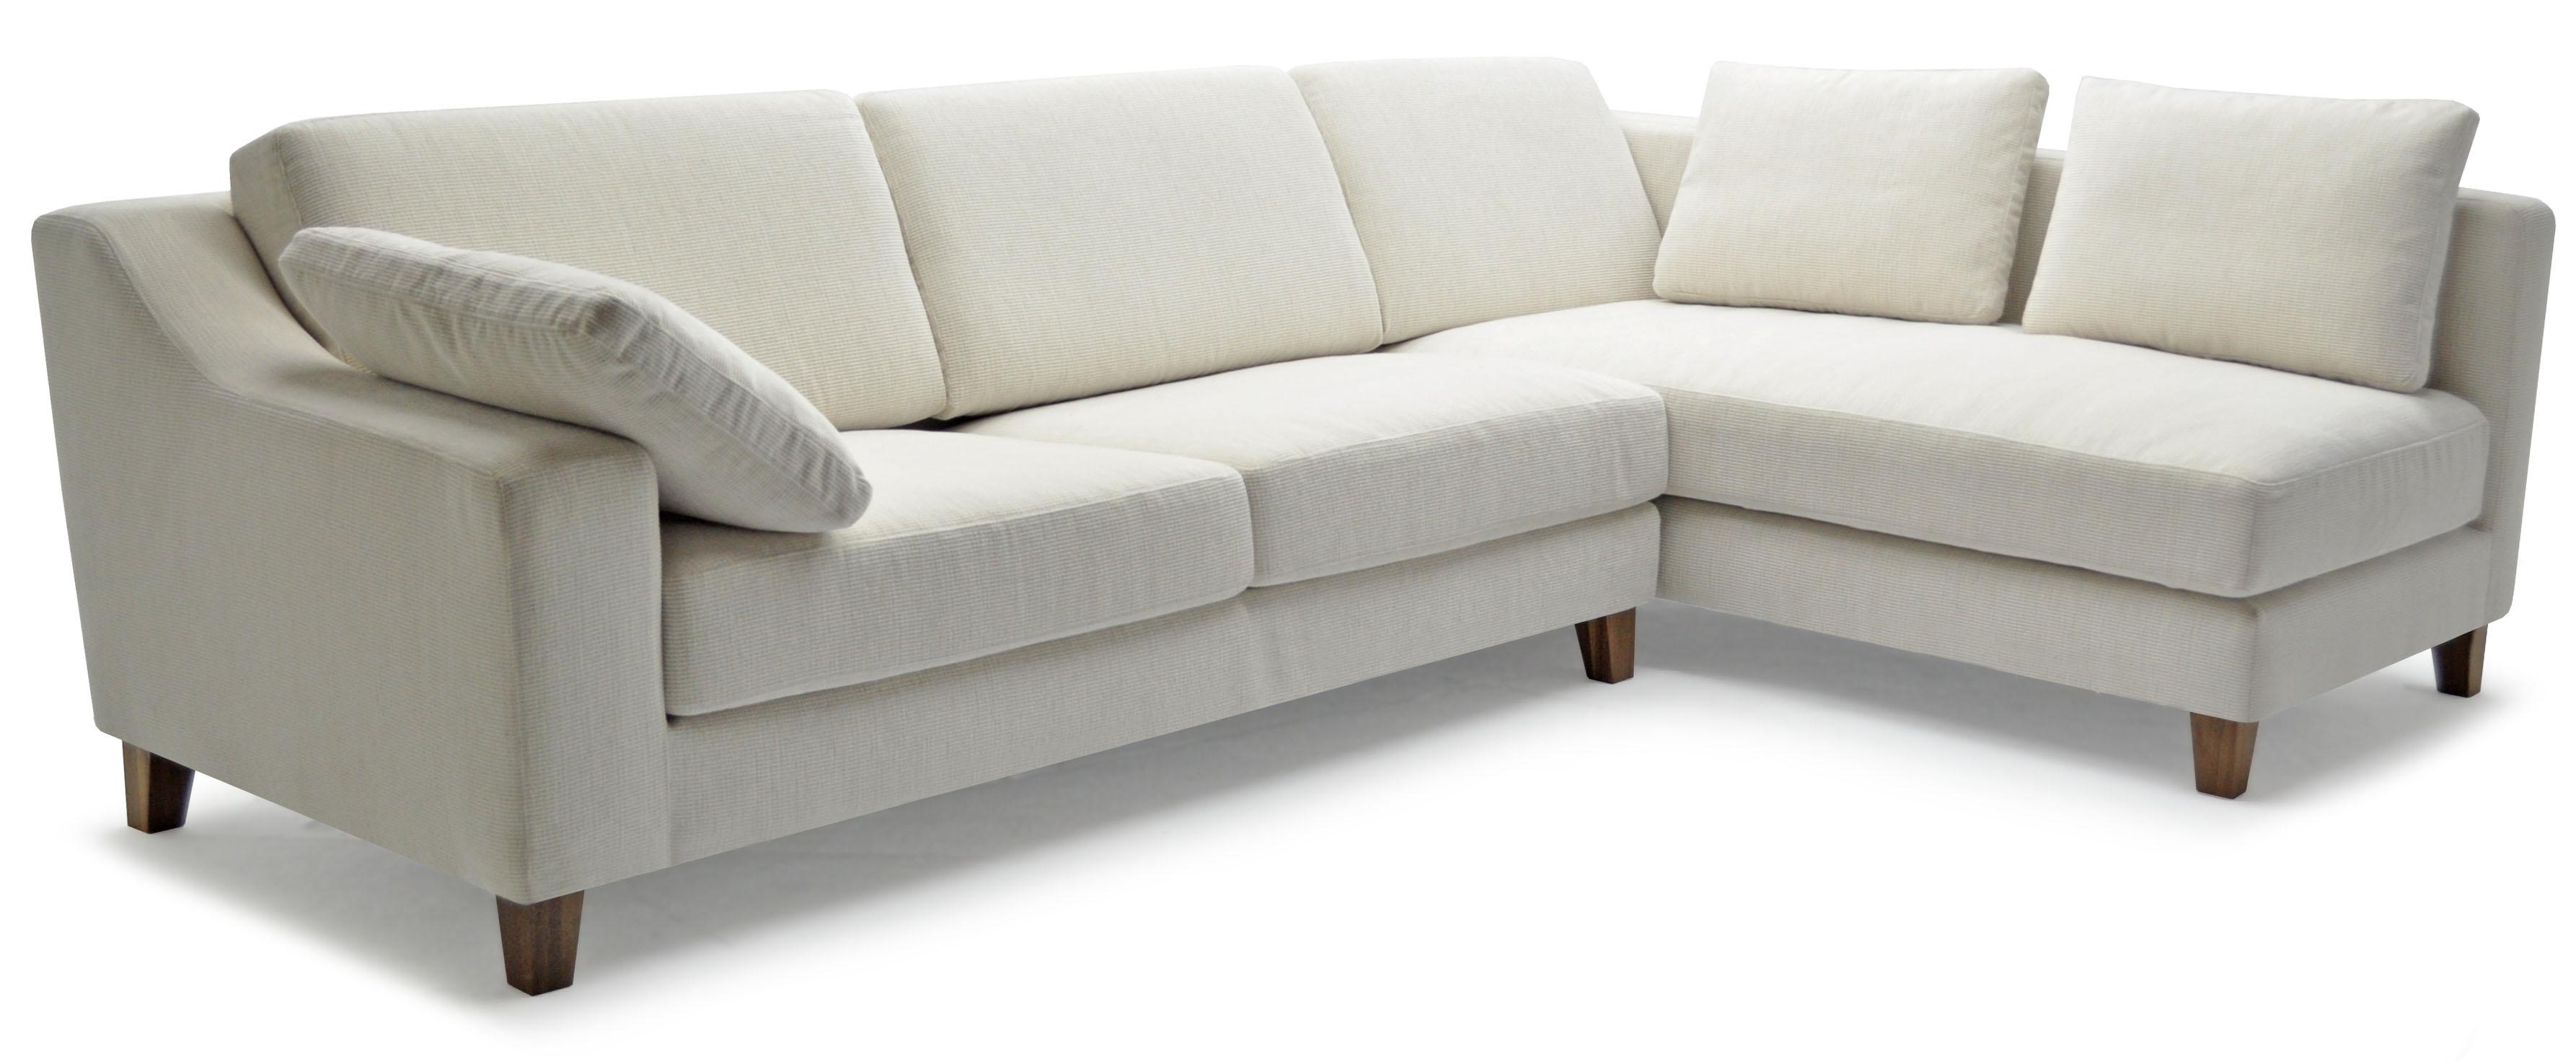 sofa18